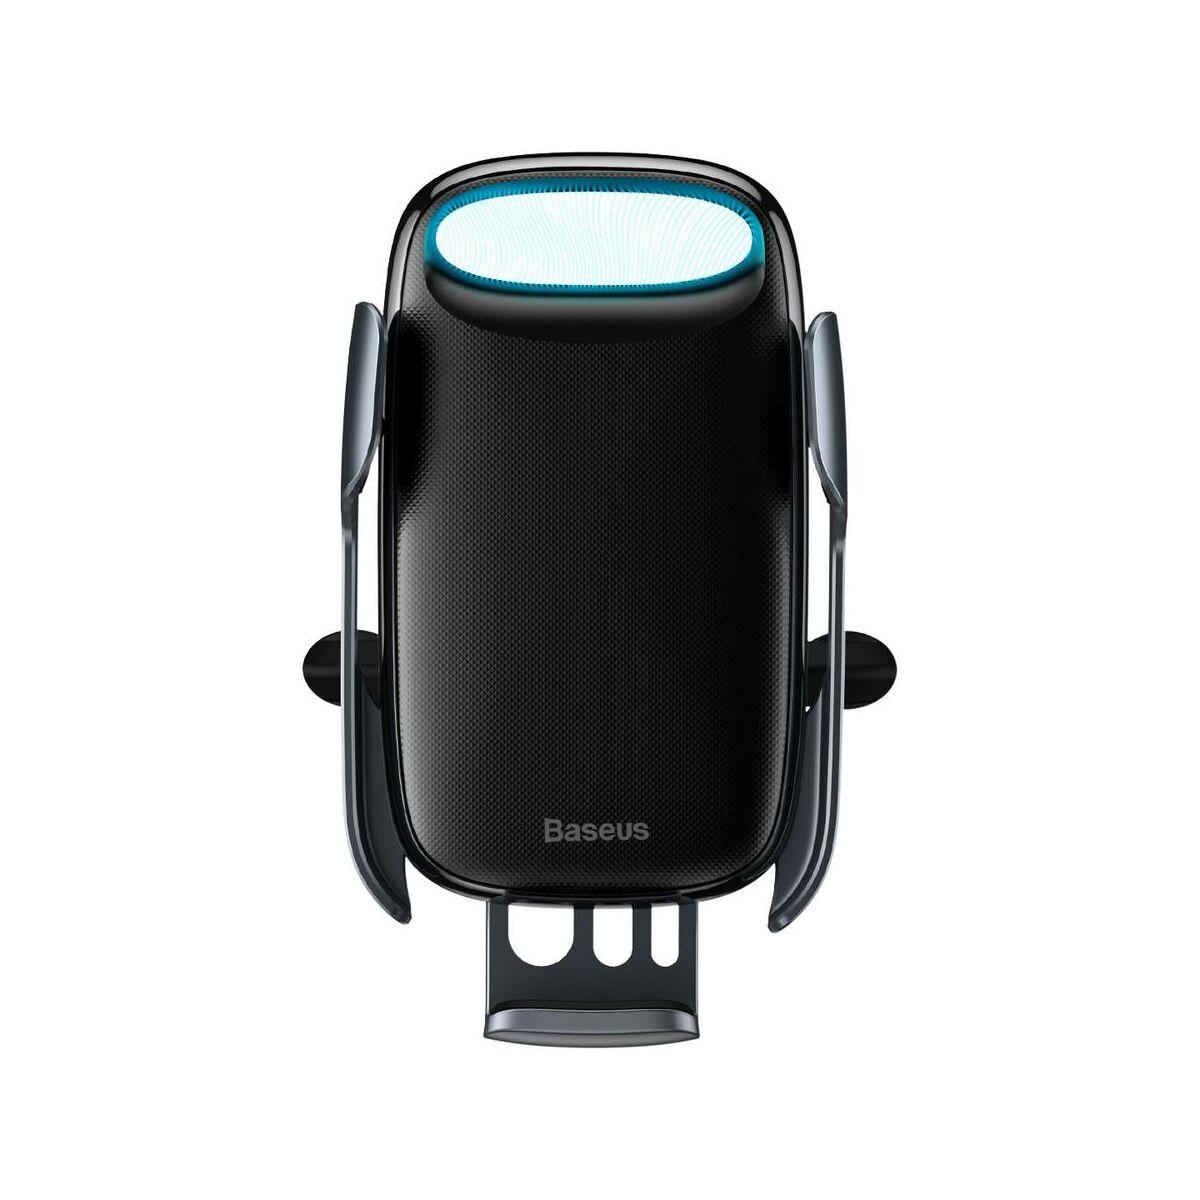 Baseus autós telefon tartó, Milky Way Aurora elektromos automata szenzoros nyitás, vezeték nélküli töltés, 15W, fekete (WXHW02-01)